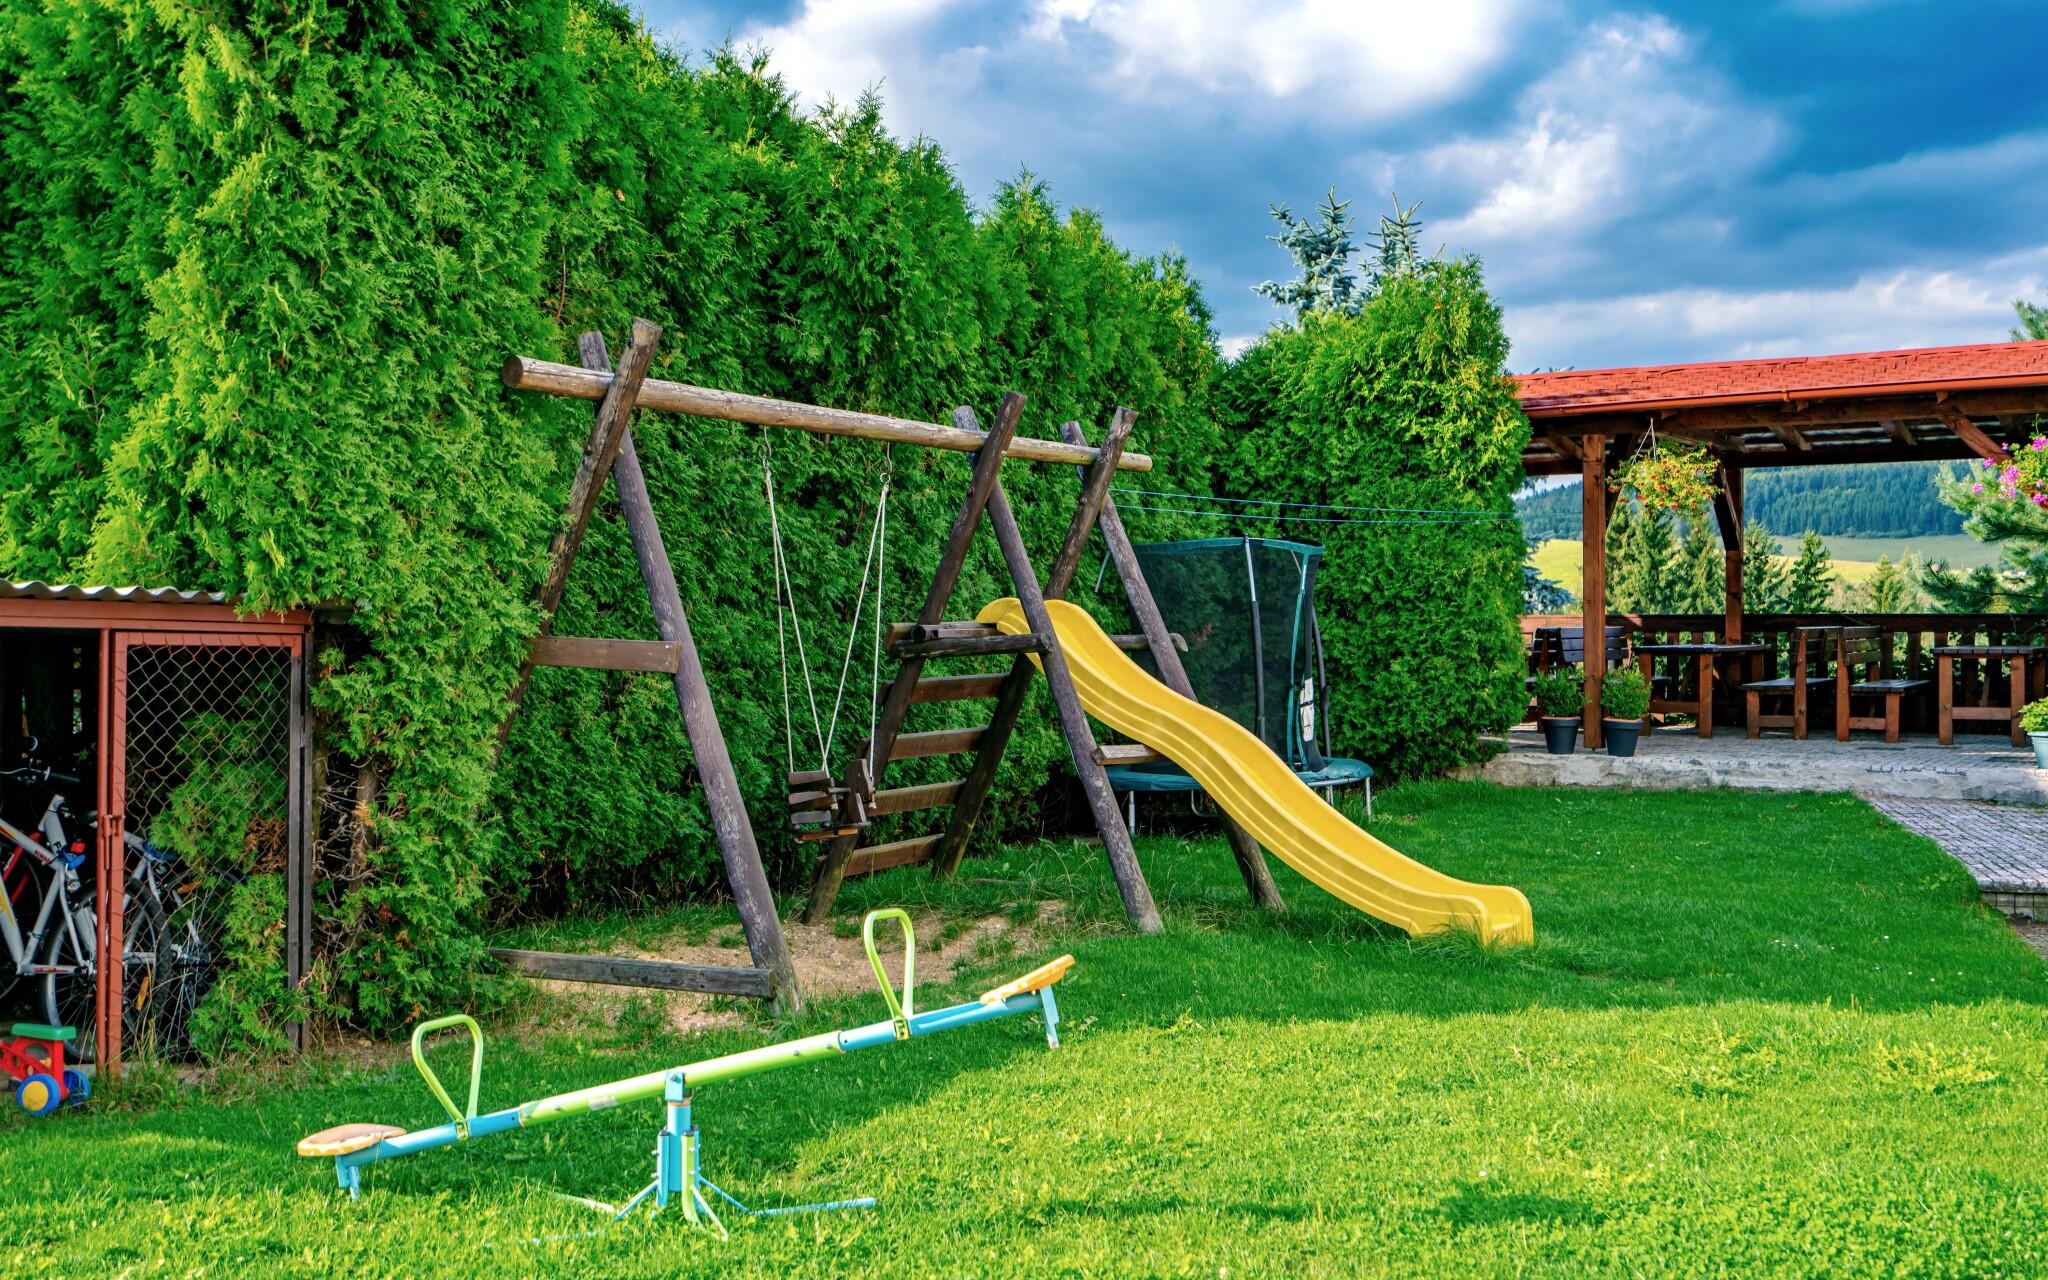 Líbit se tu bude také dětem, dětské hřiště